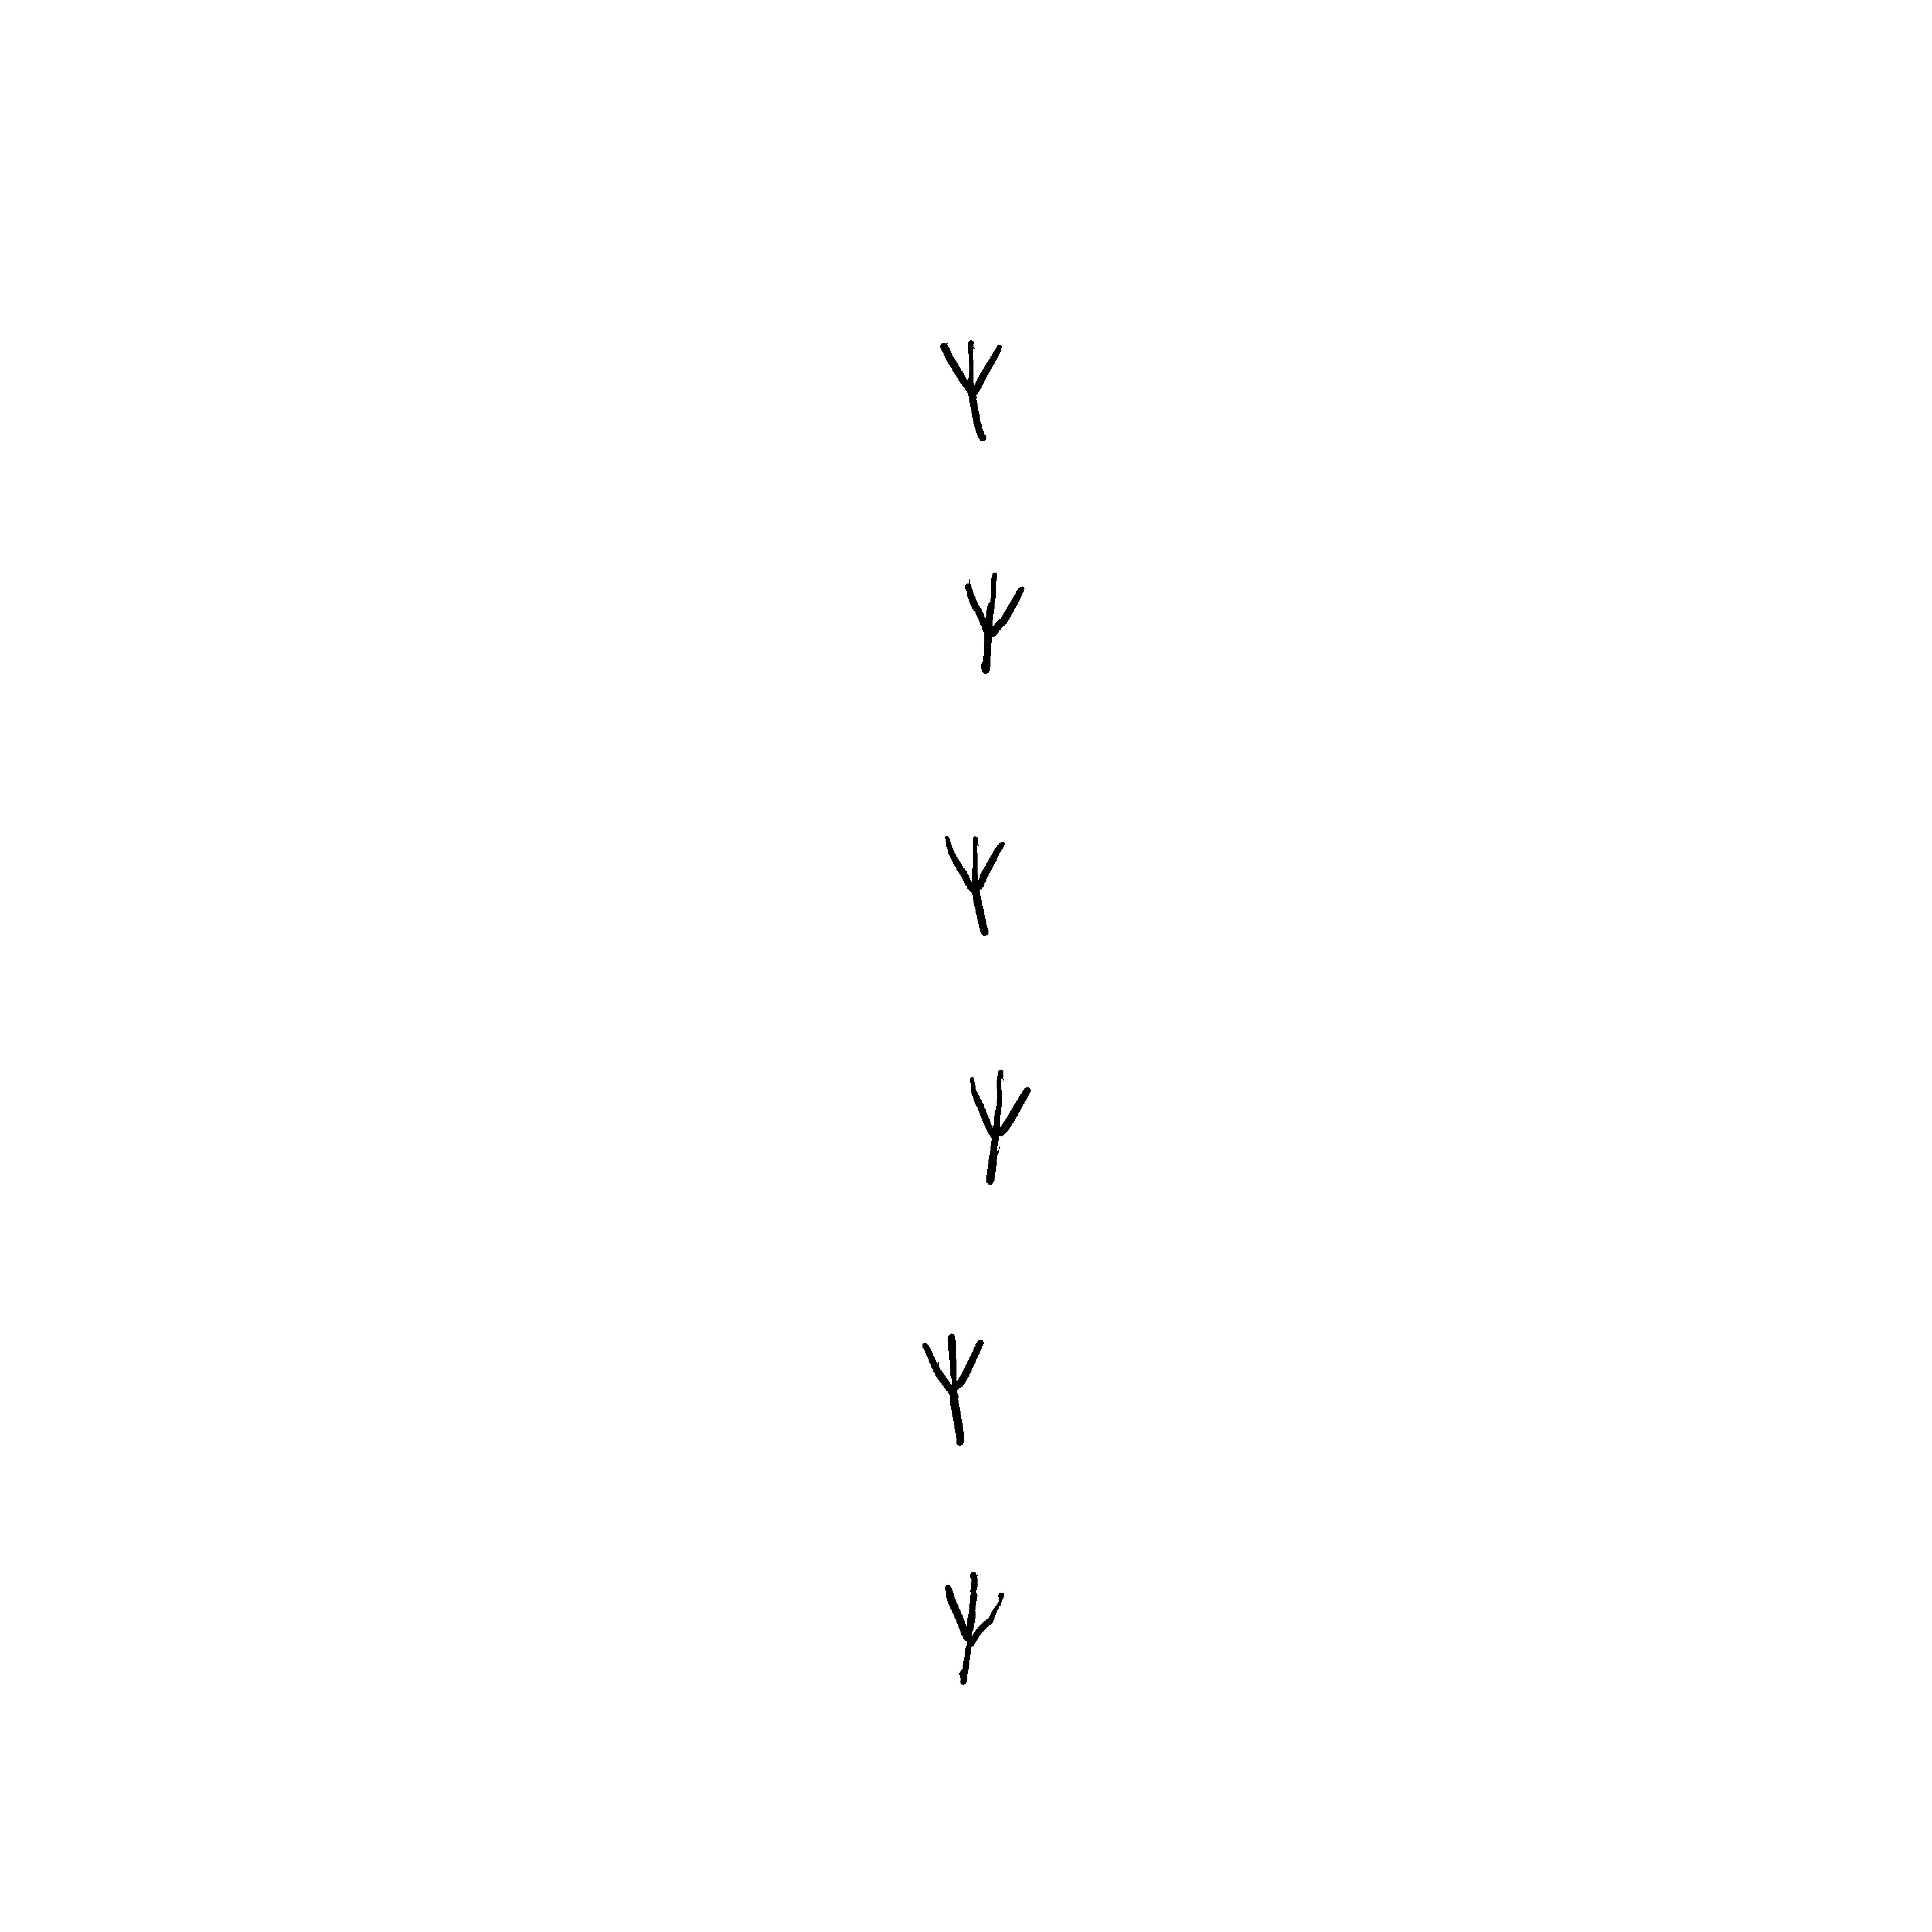 Krallenabdrücke einer Krähe